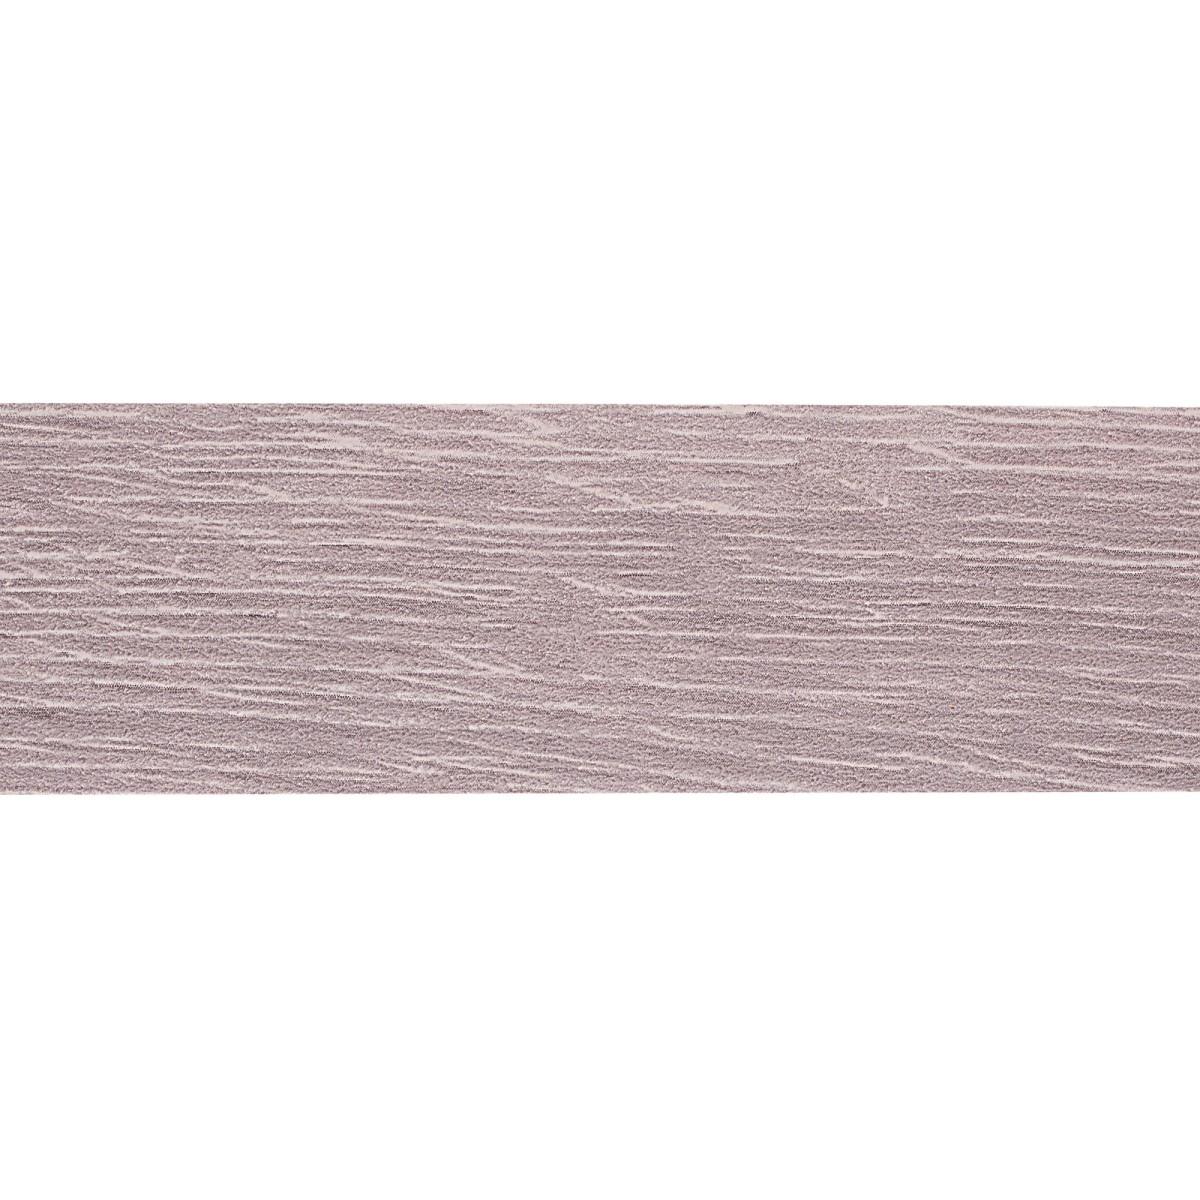 Кромка №3310 Без Клея Для Плинтуса 305Х32 Цвет Серый